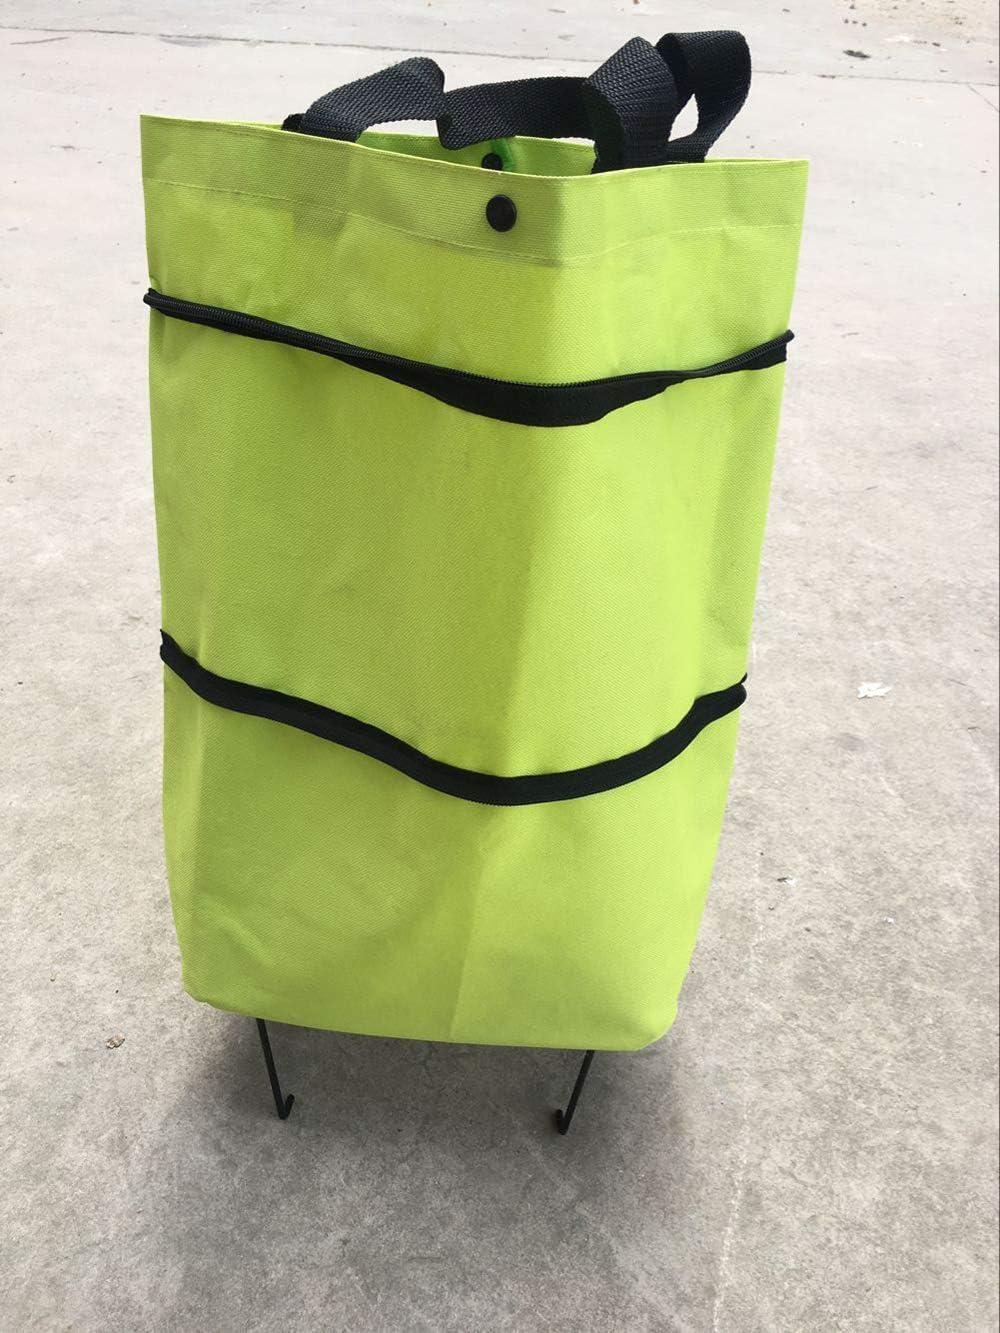 Galapara Cabas Shopping Ultra l/éger Capacit/é de 2 Roues pour Chariot /à Bagages,Portable Multifonctionnel Oxford Folable Fourre-Tout Sac /à provisions r/éutilisable Sac de Chariot /à achats